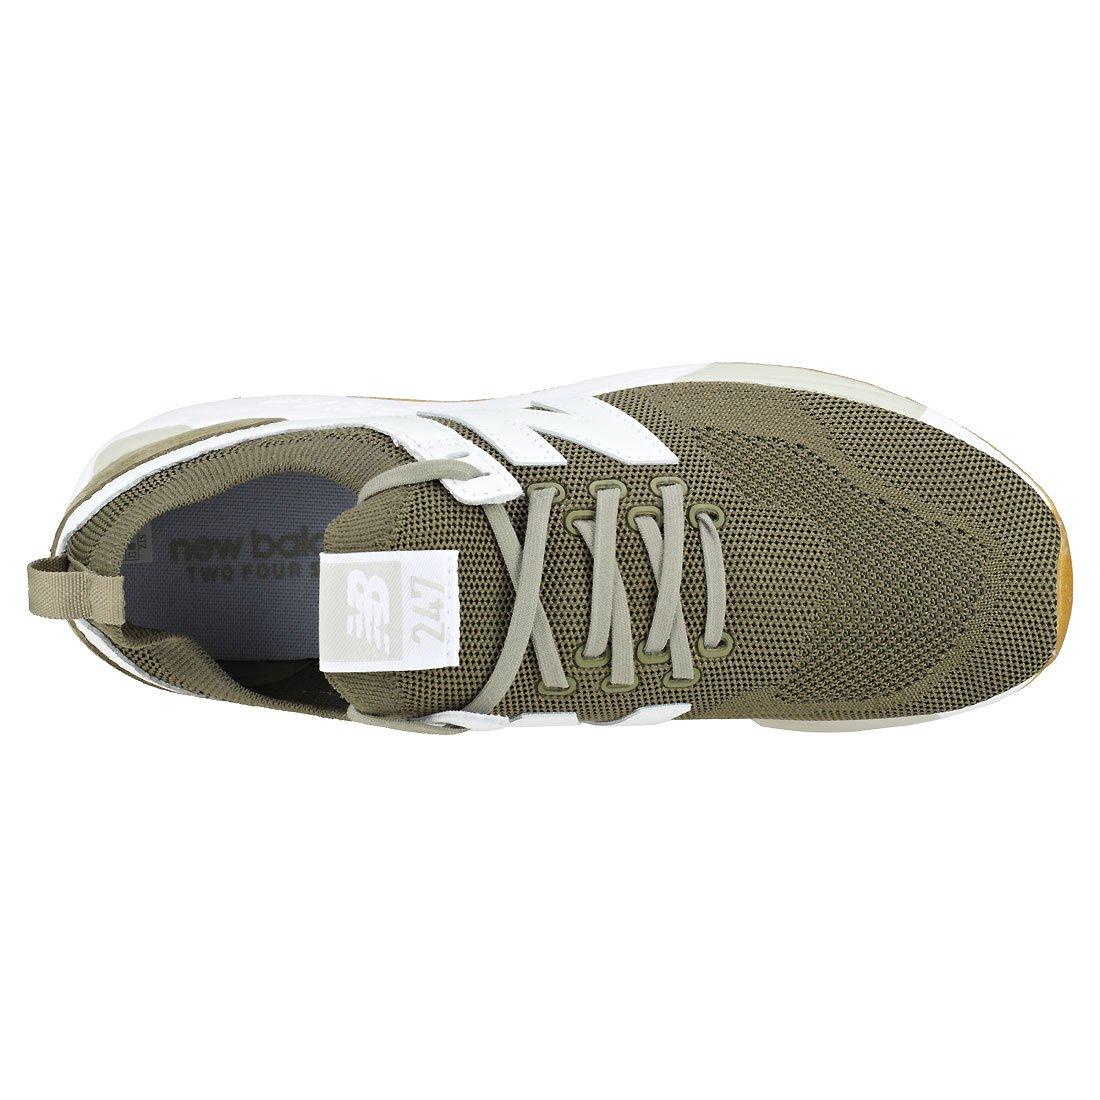 homme / femme, nouvel équilibre bien 247 formateurs vert bien équilibre renommée mondiale laisse nos marchandises va dans le monde respirable chaussures d22862